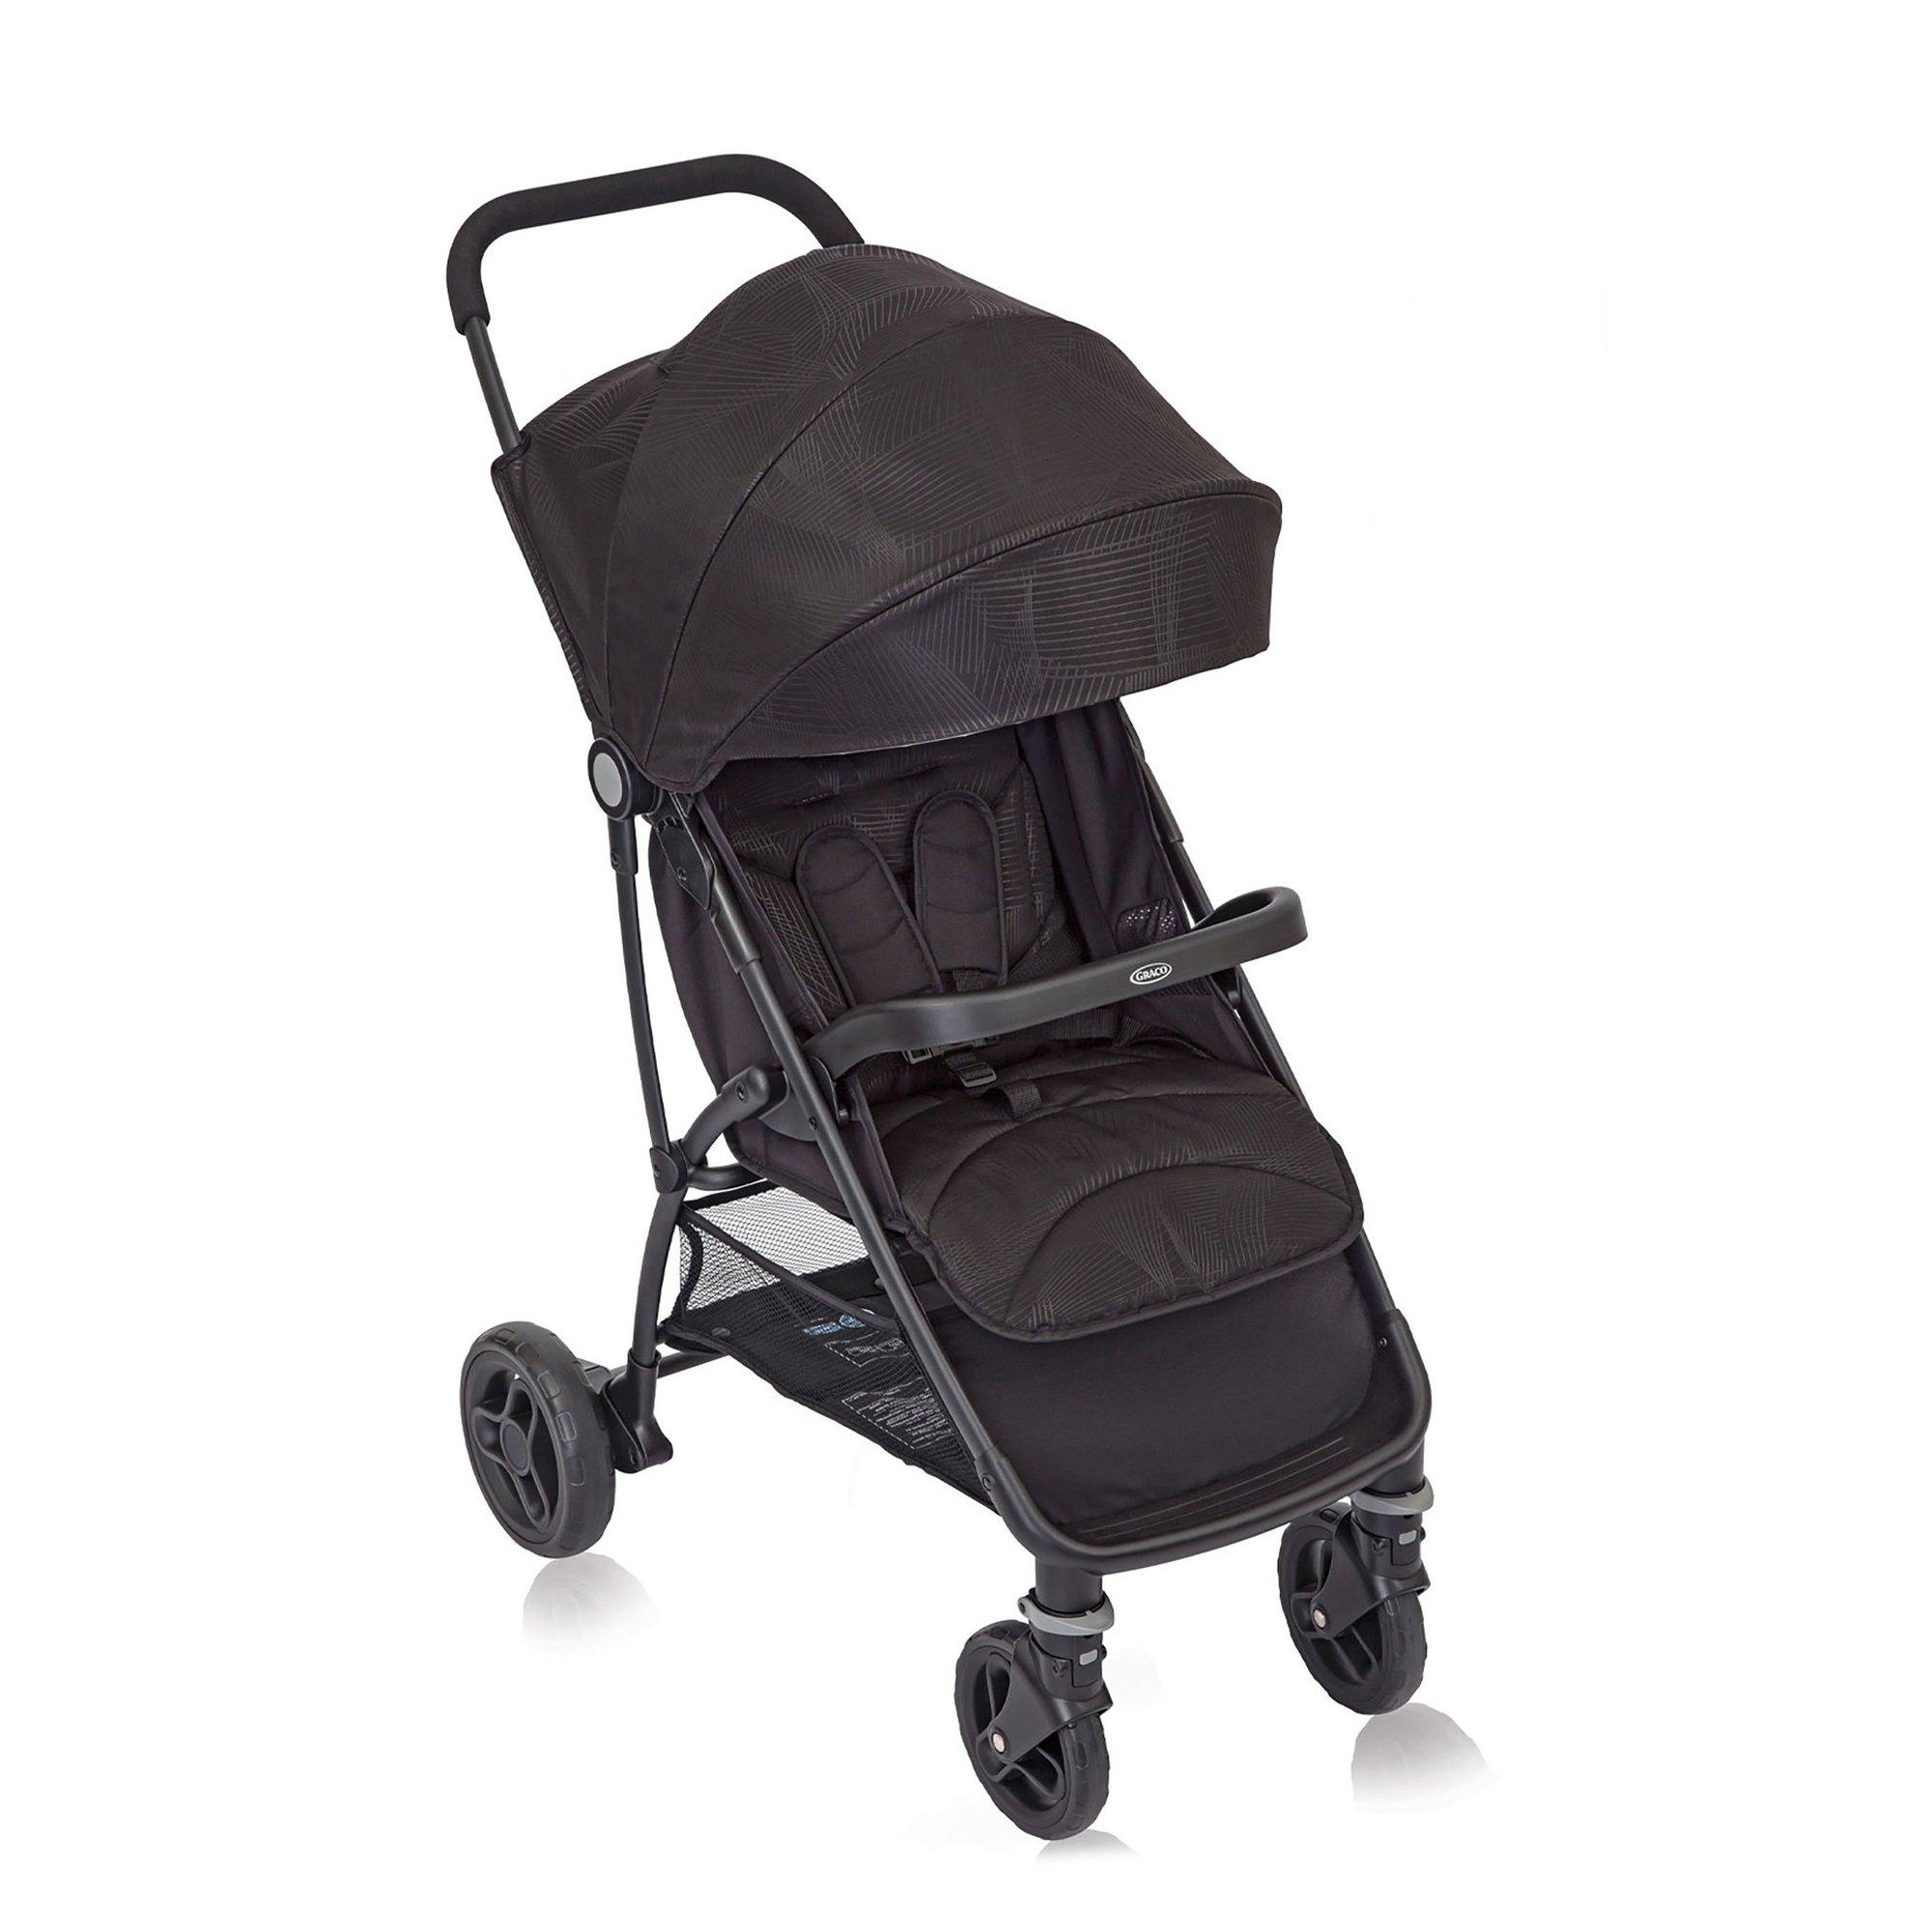 Image of Graco Breaze Lite Stroller - Black